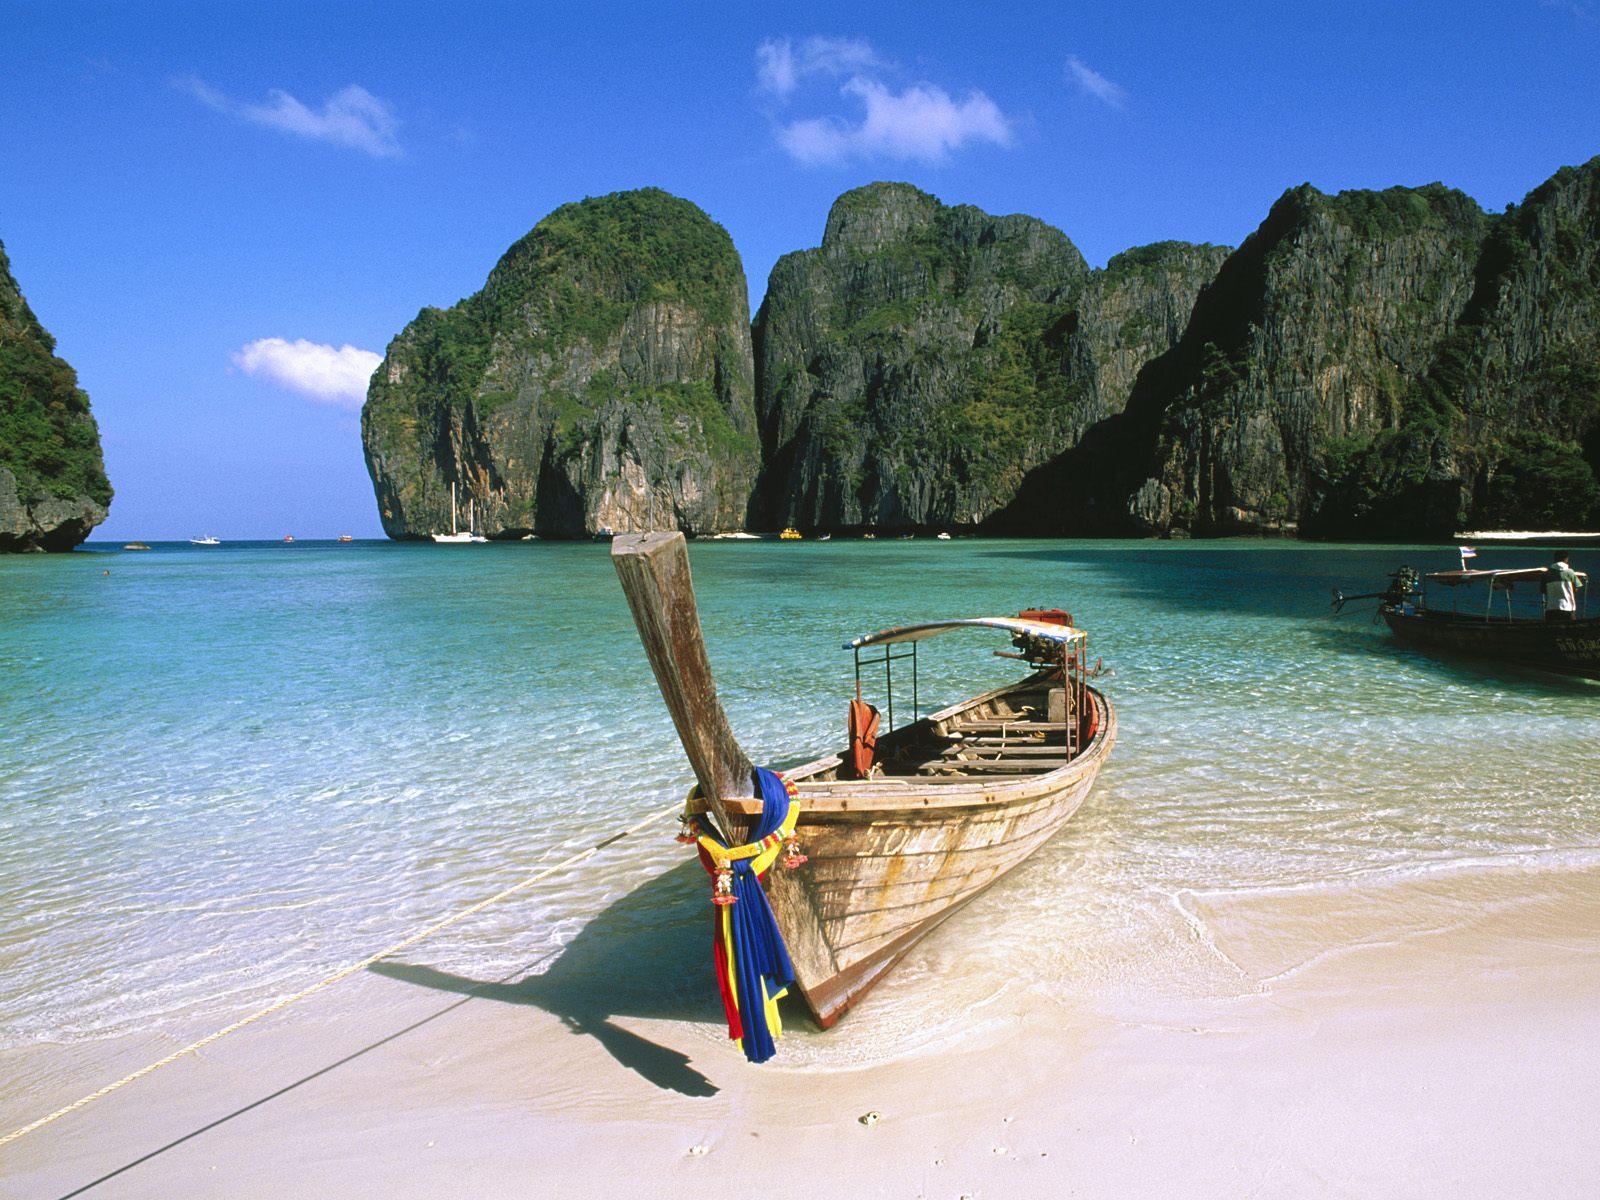 Фото природы. Вокруг Света. Таиланд. Таиланд, природа, море